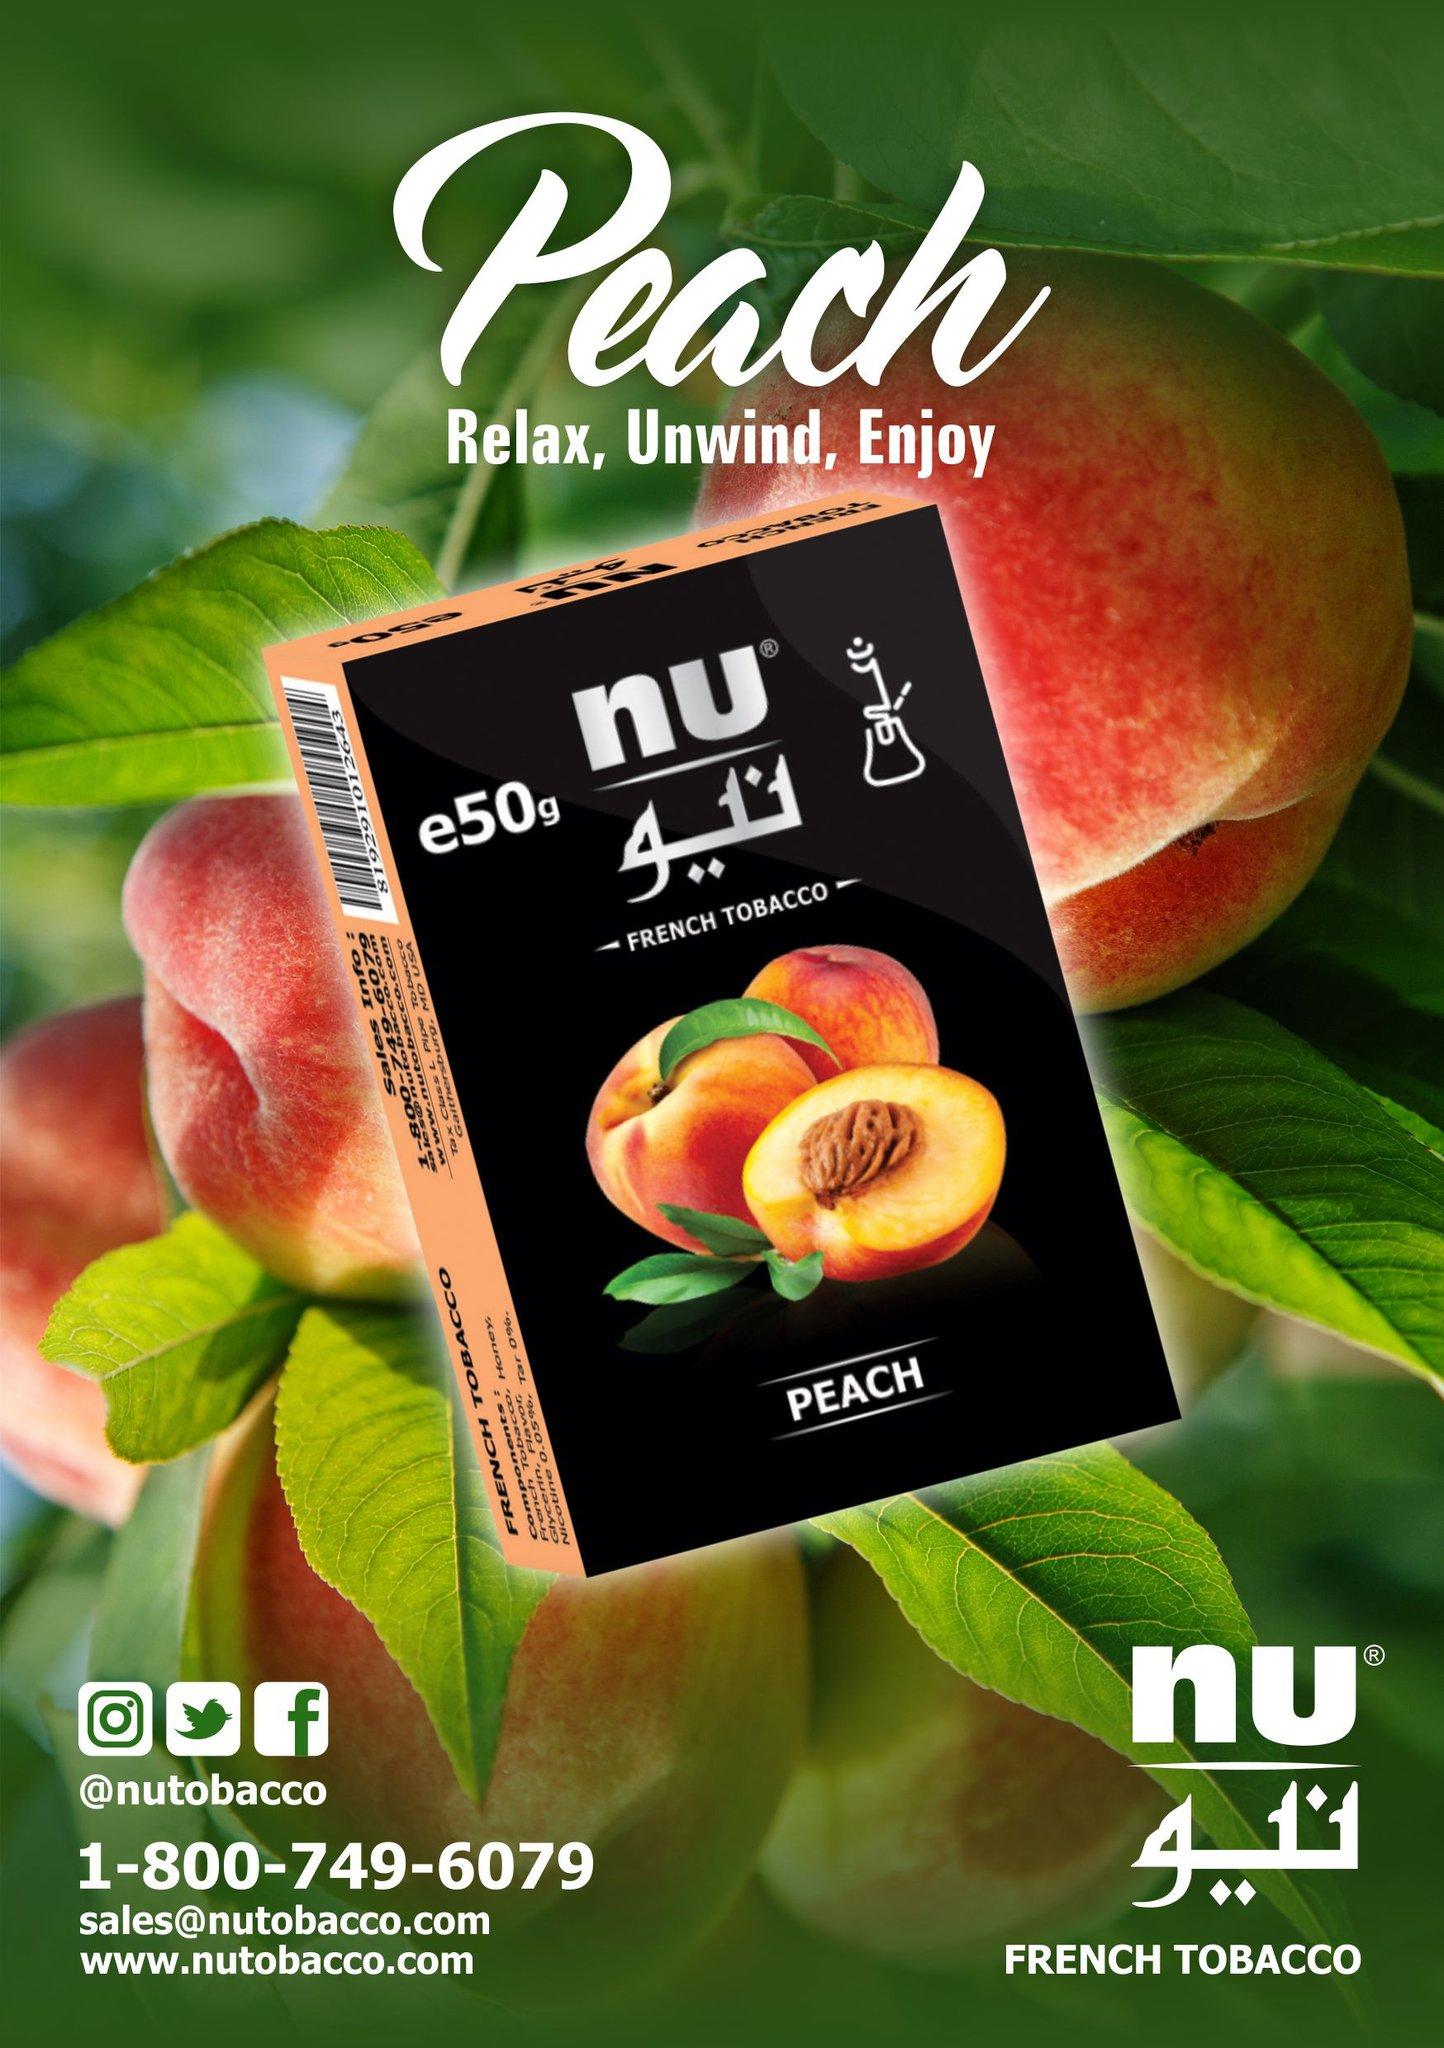 Nu Hookah / Peach(スッとしたキレ感のある、ややケミカルなアメリカの会社っぽいPeach系)